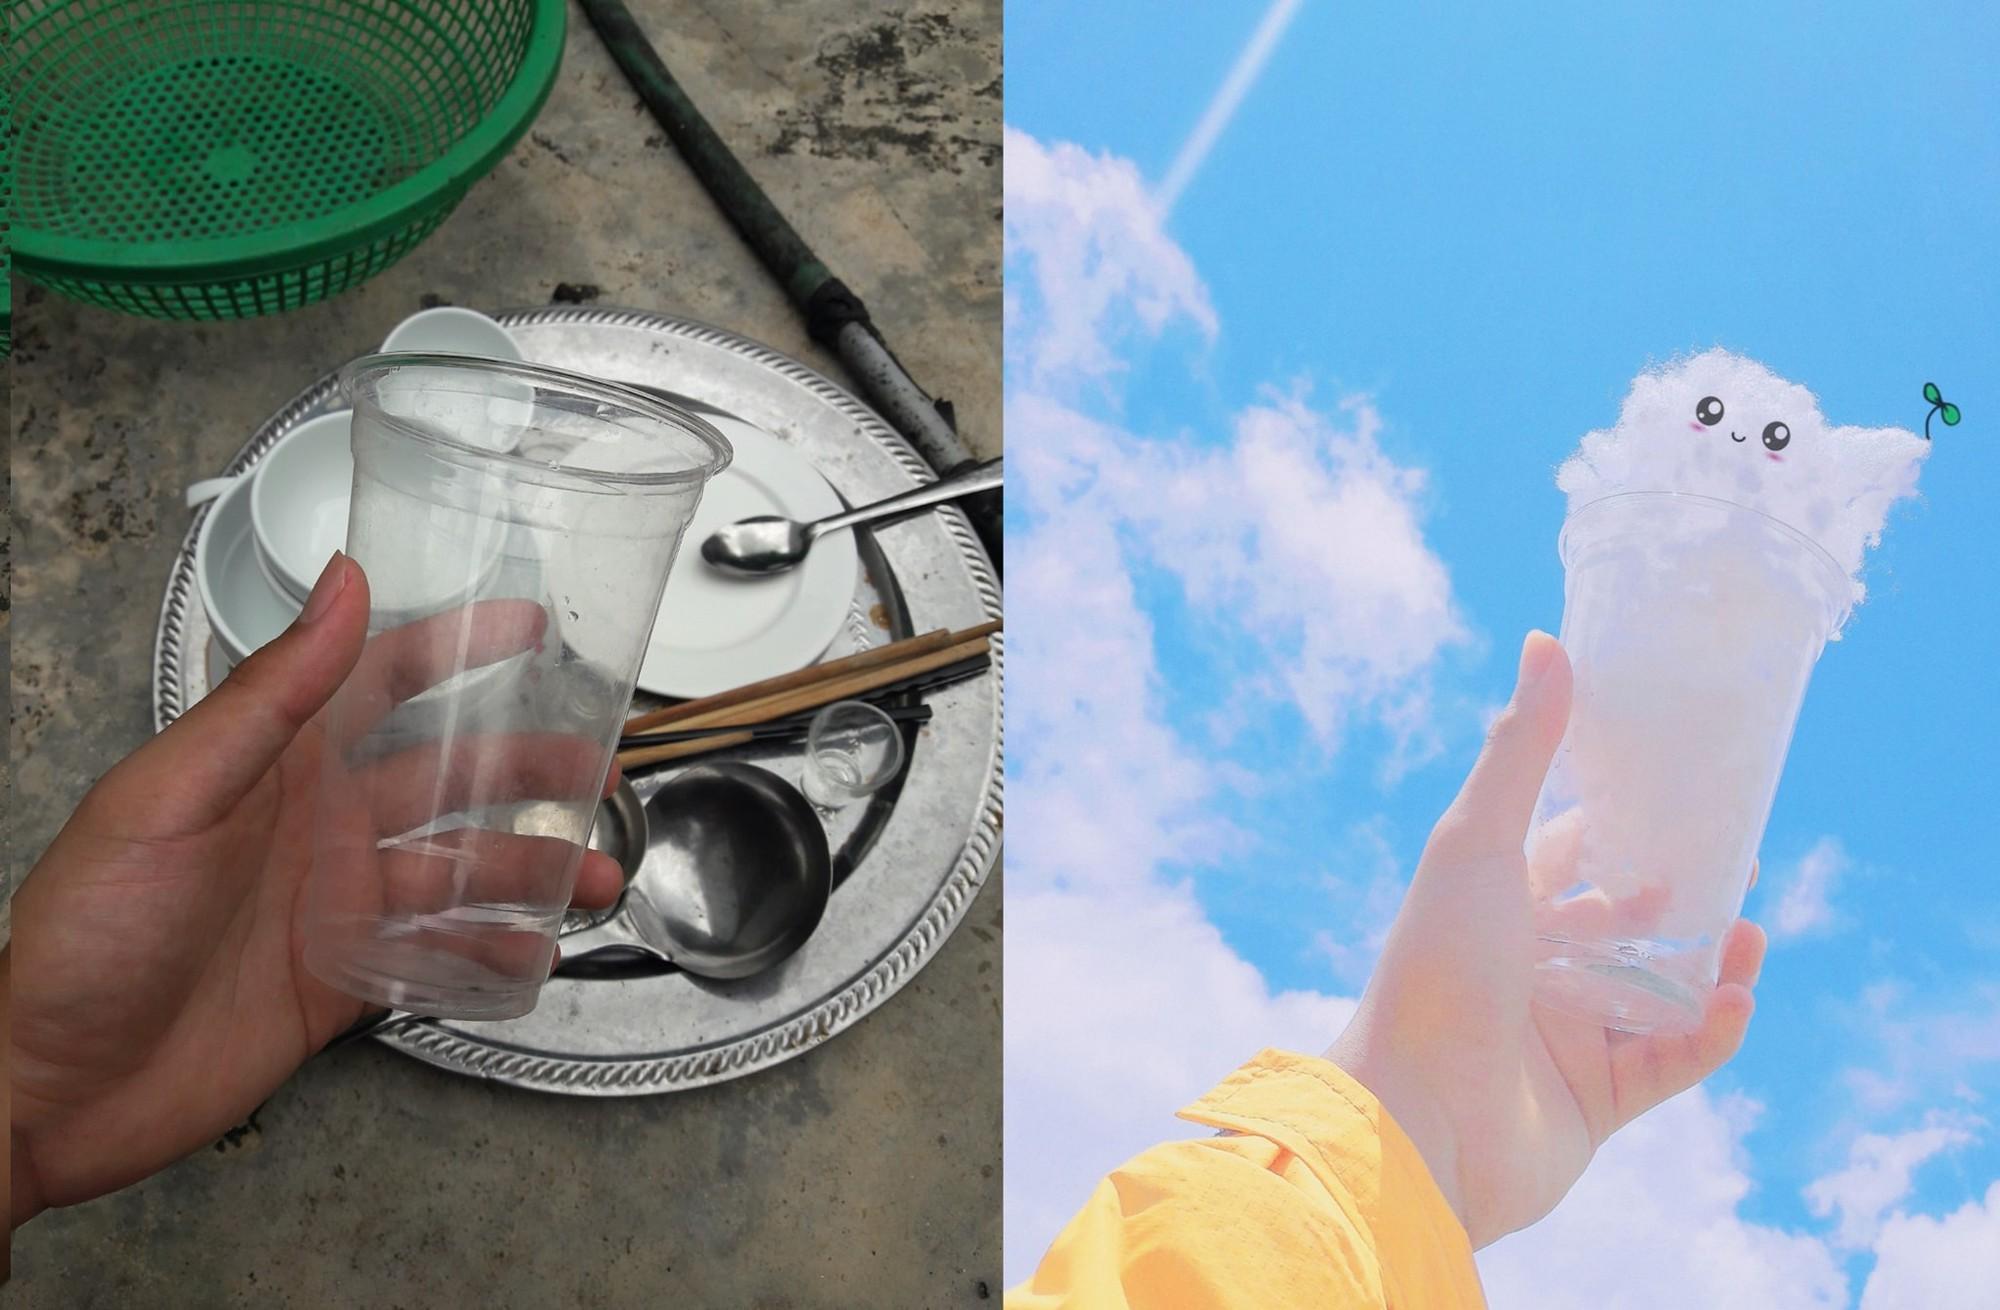 Bị mẹ bắt đi rửa bát, thanh niên cao hứng sáng tạo luôn một bộ ảnh siêu đáng yêu với mây trời 4